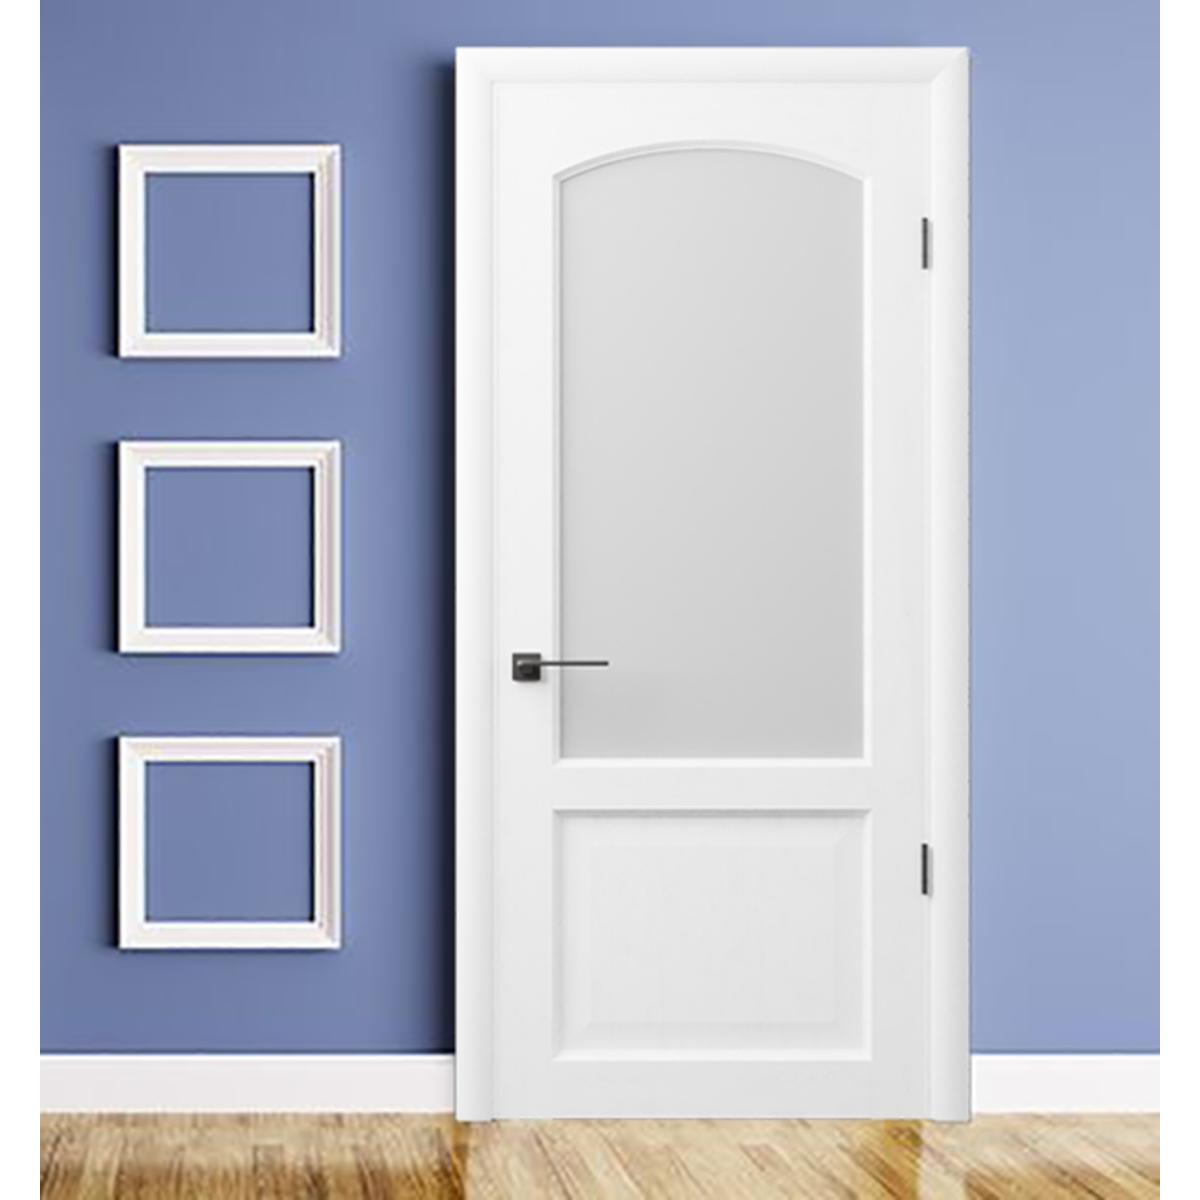 Дверь Межкомнатная Остеклённая 853 70x200 Шпон Цвет Дуб Белая Эмаль